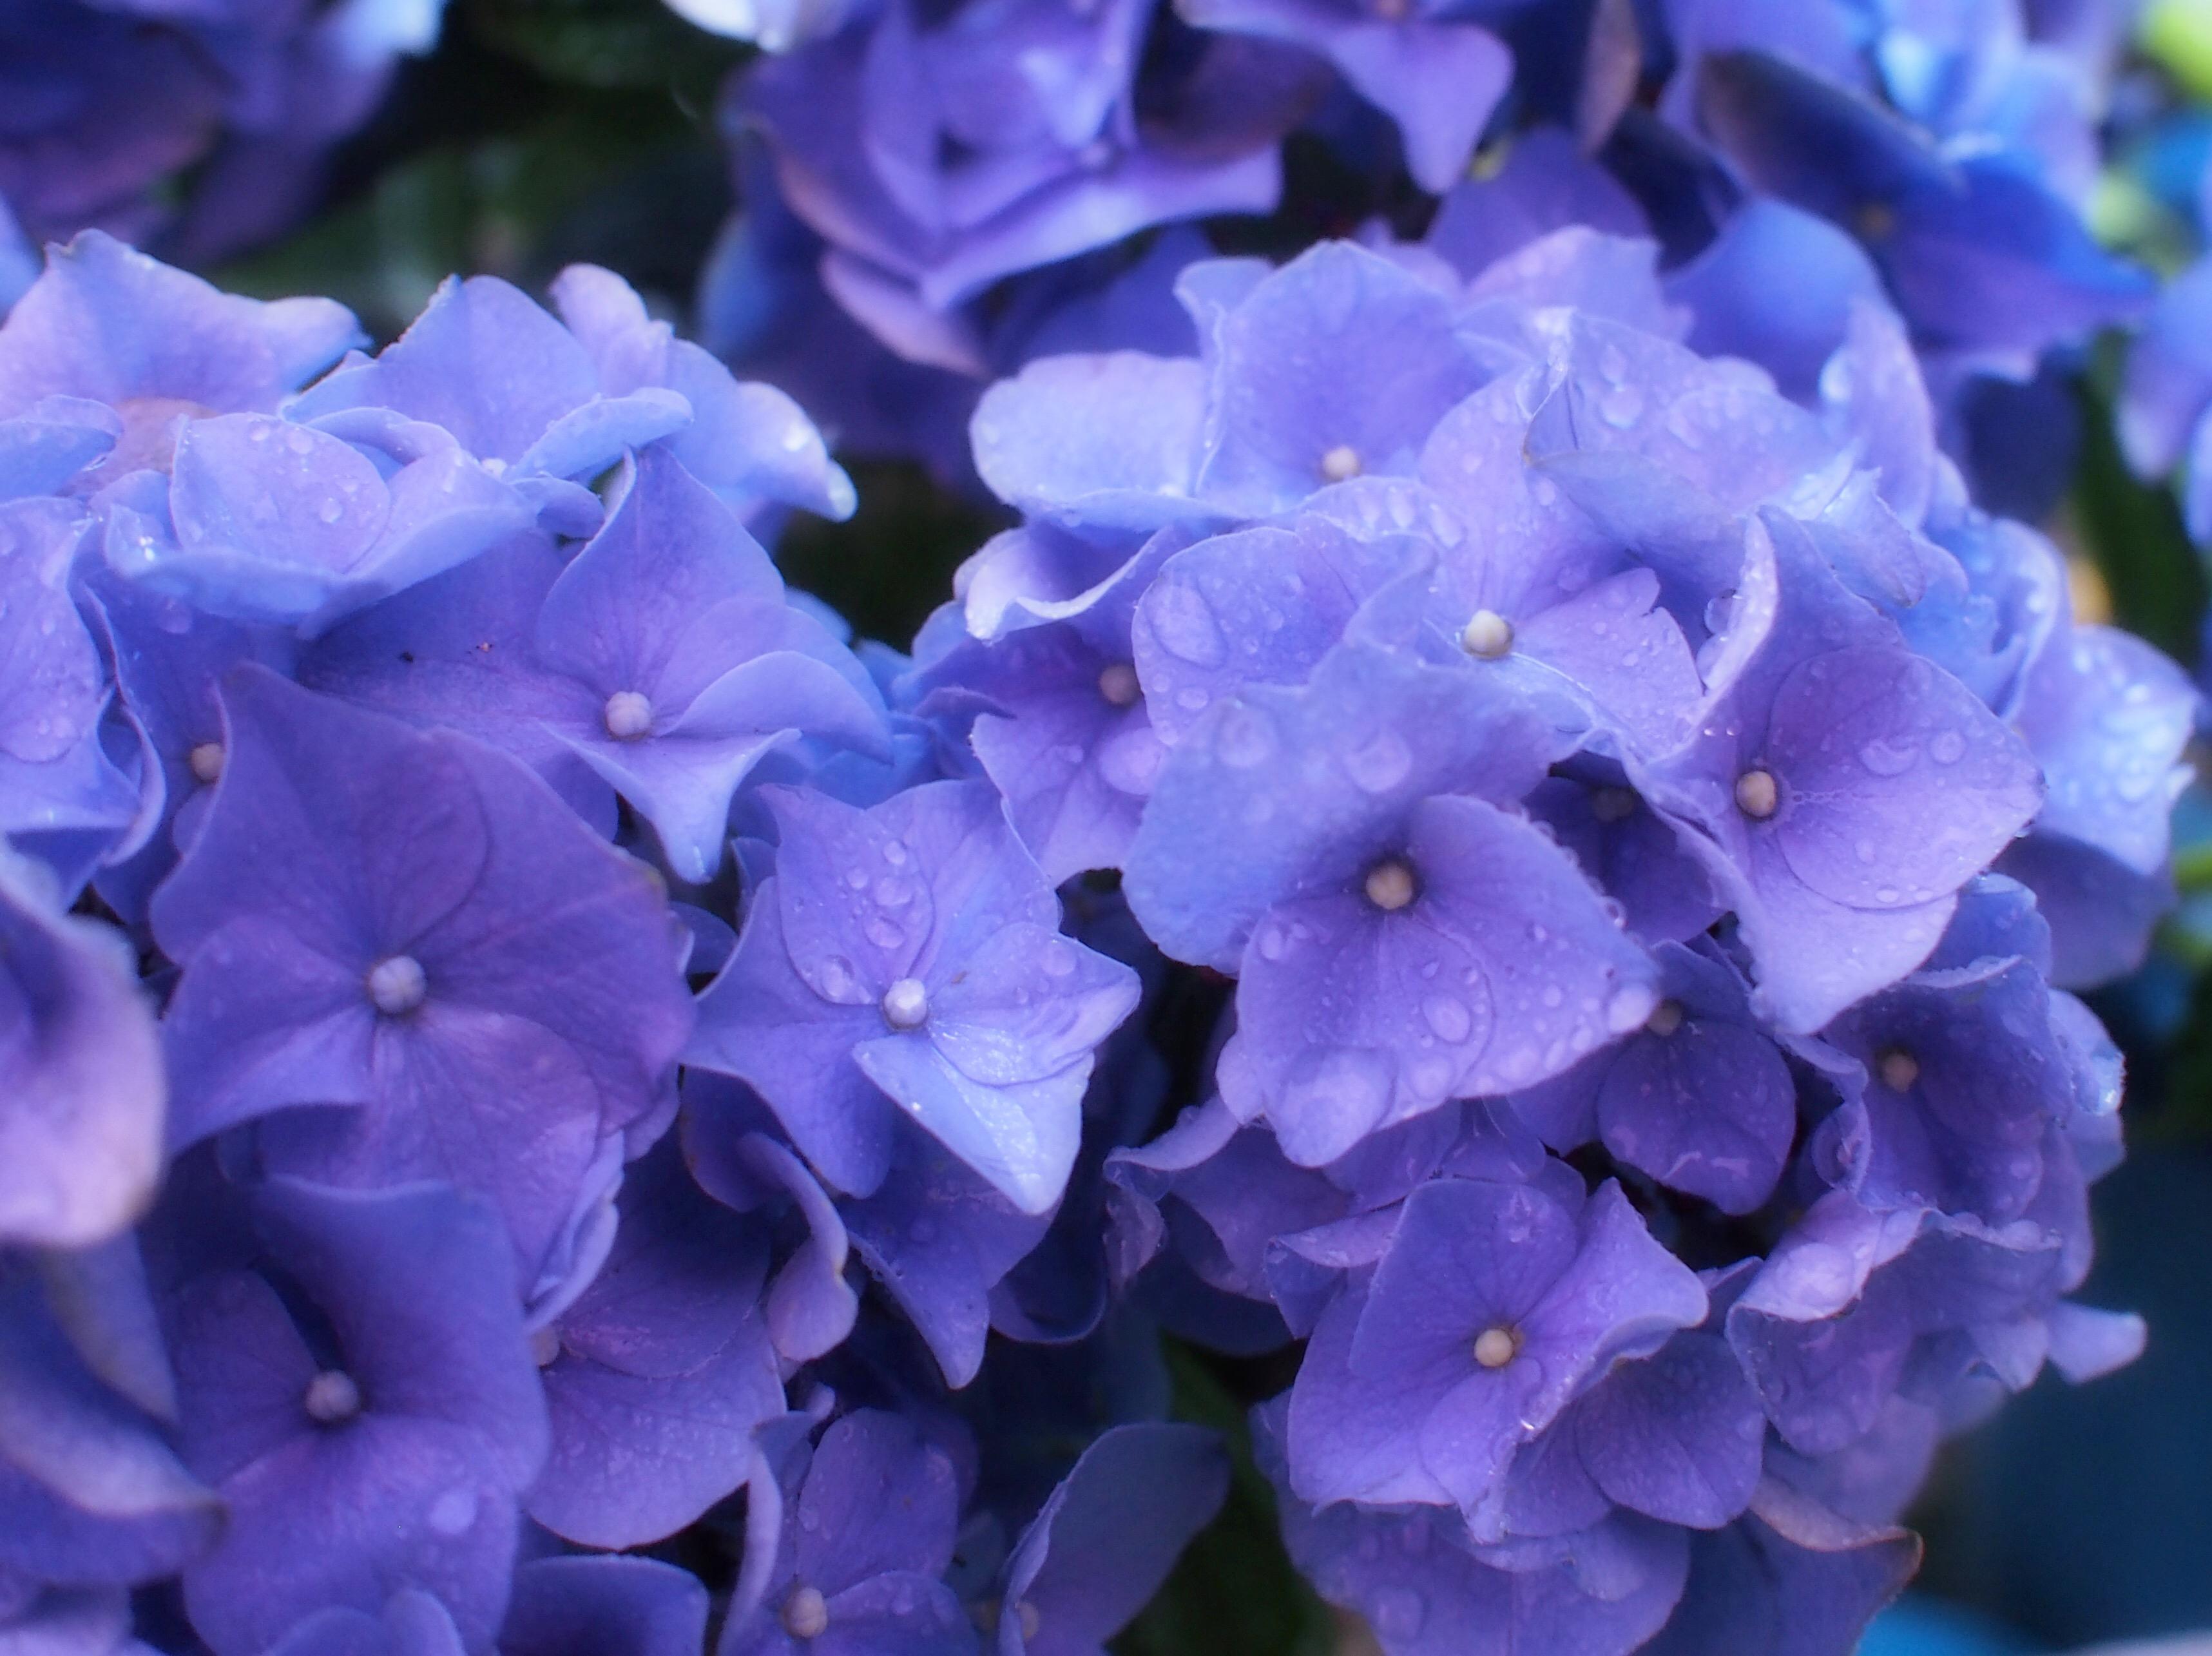 雨に濡れた美しい紫陽花